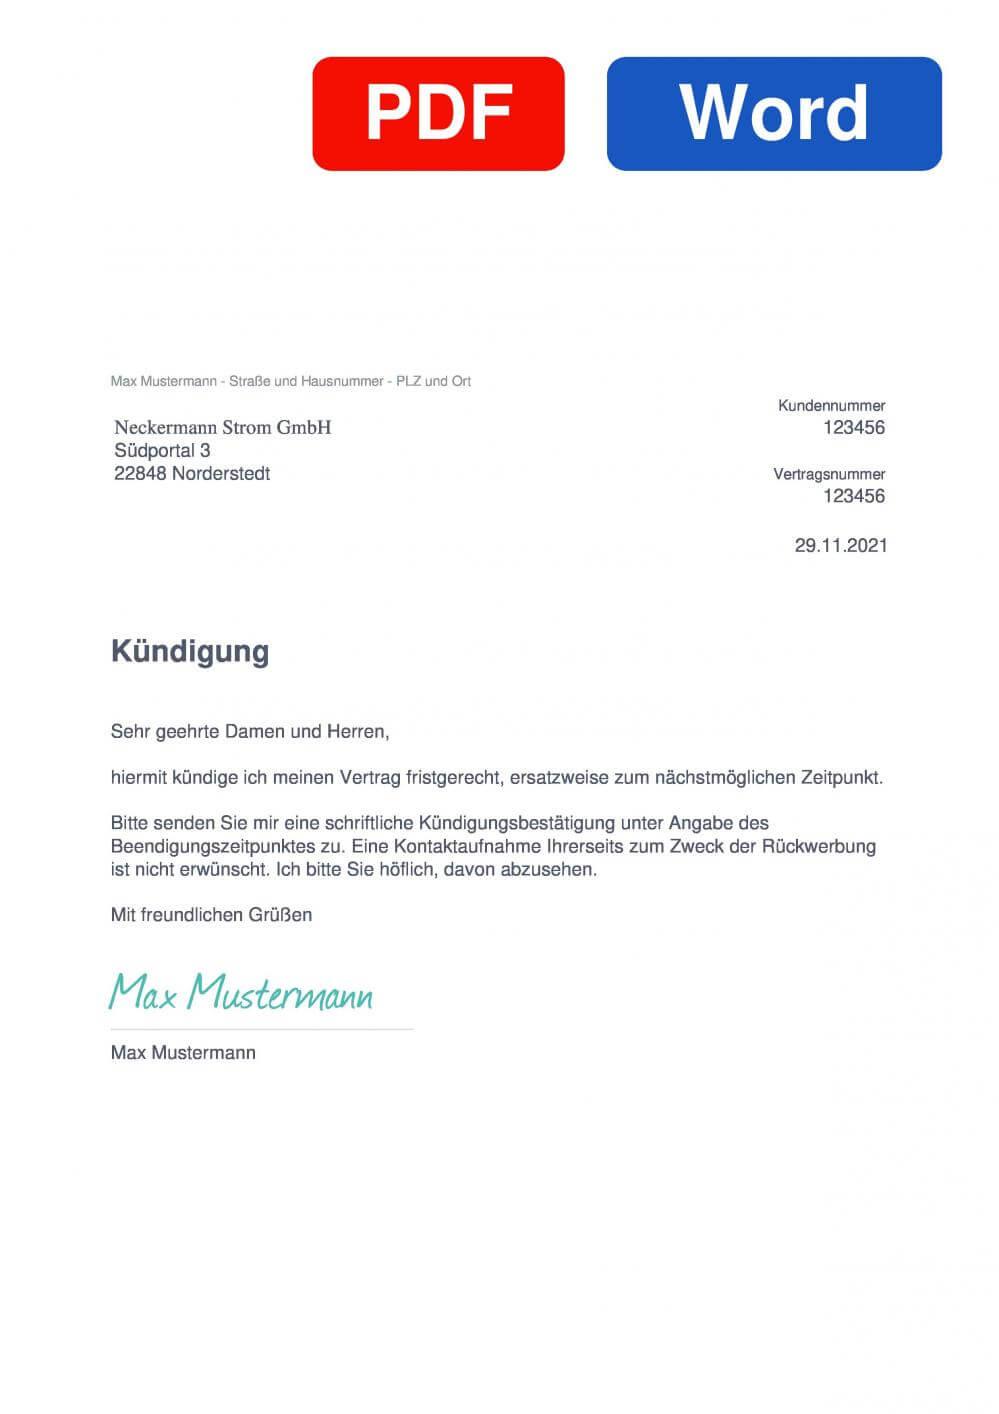 Neckermann Strom Muster Vorlage für Kündigungsschreiben